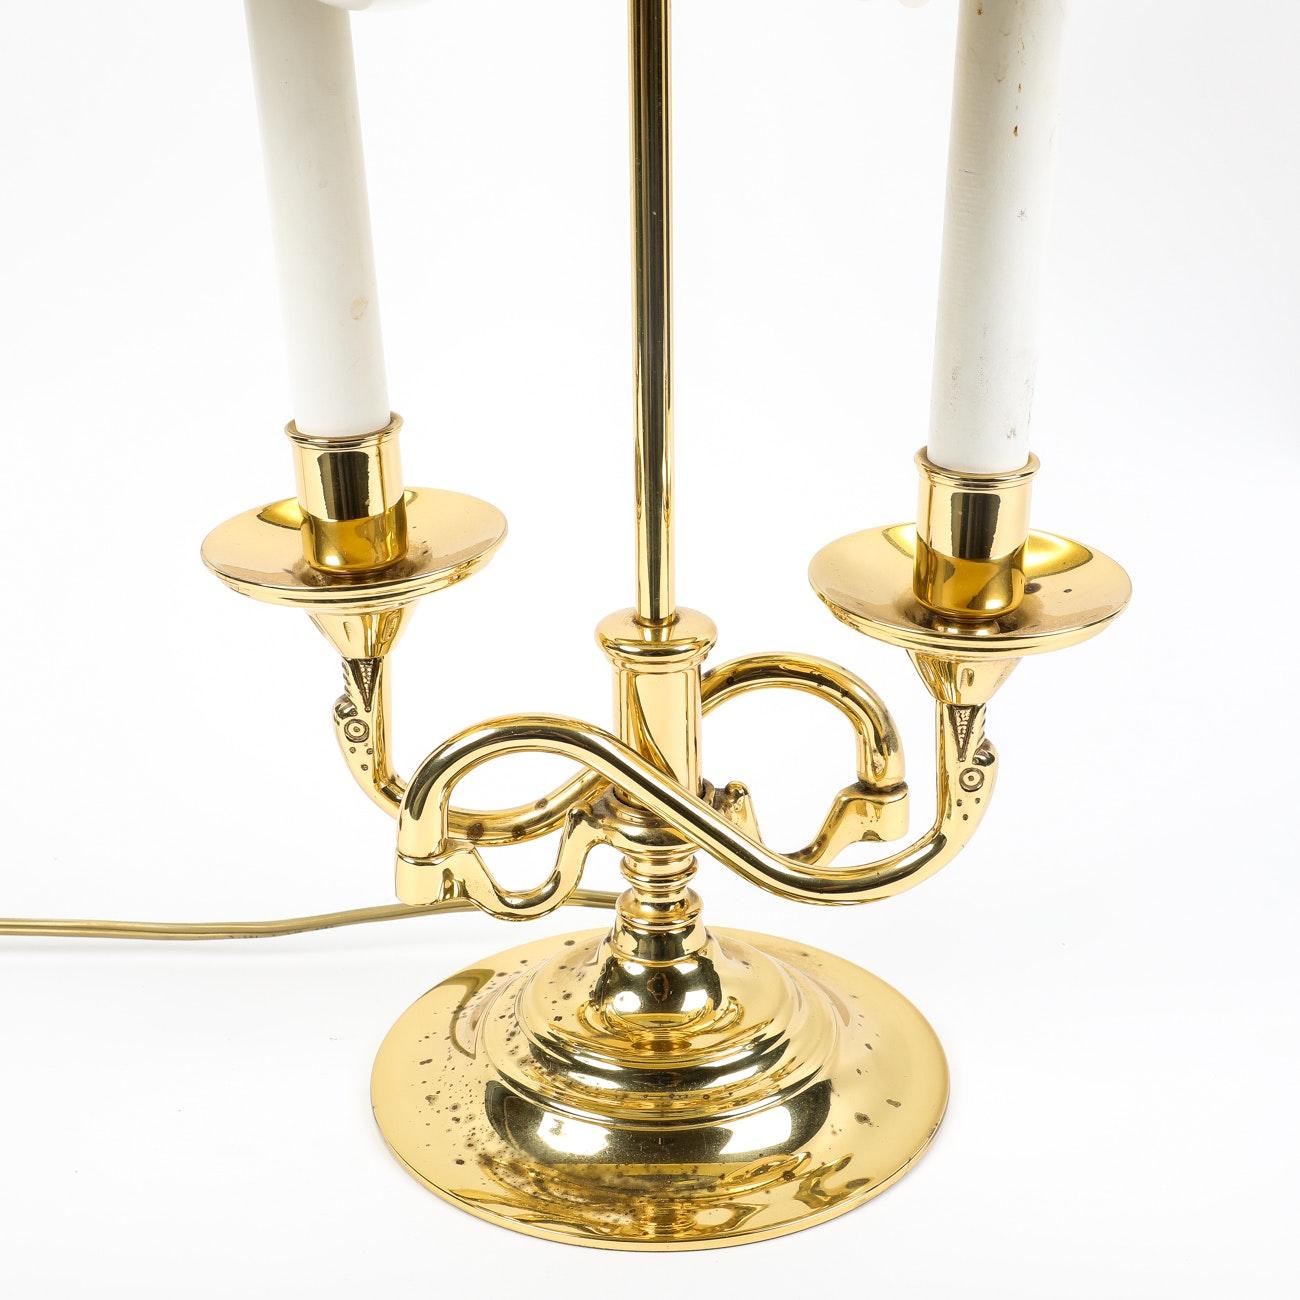 Baldwin Brass Candelabra Style Table Lamp Ebth